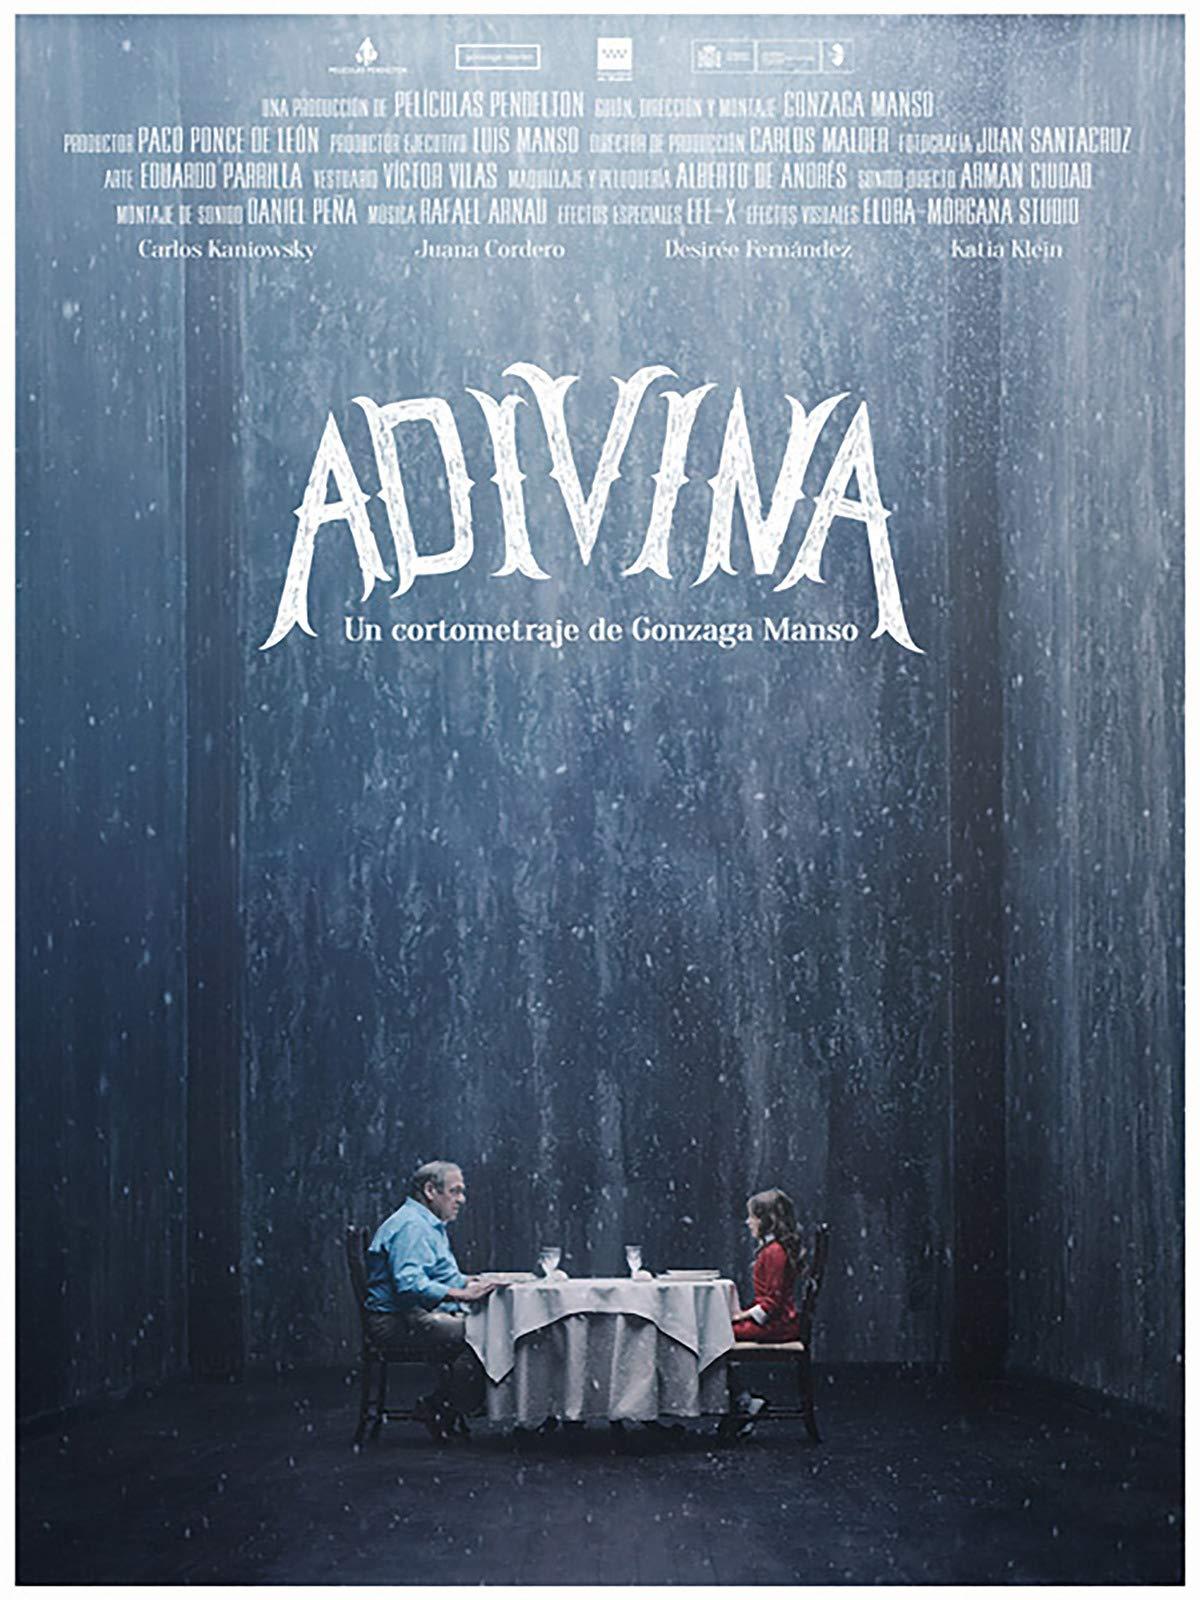 Adivina (Fortune-Teller)